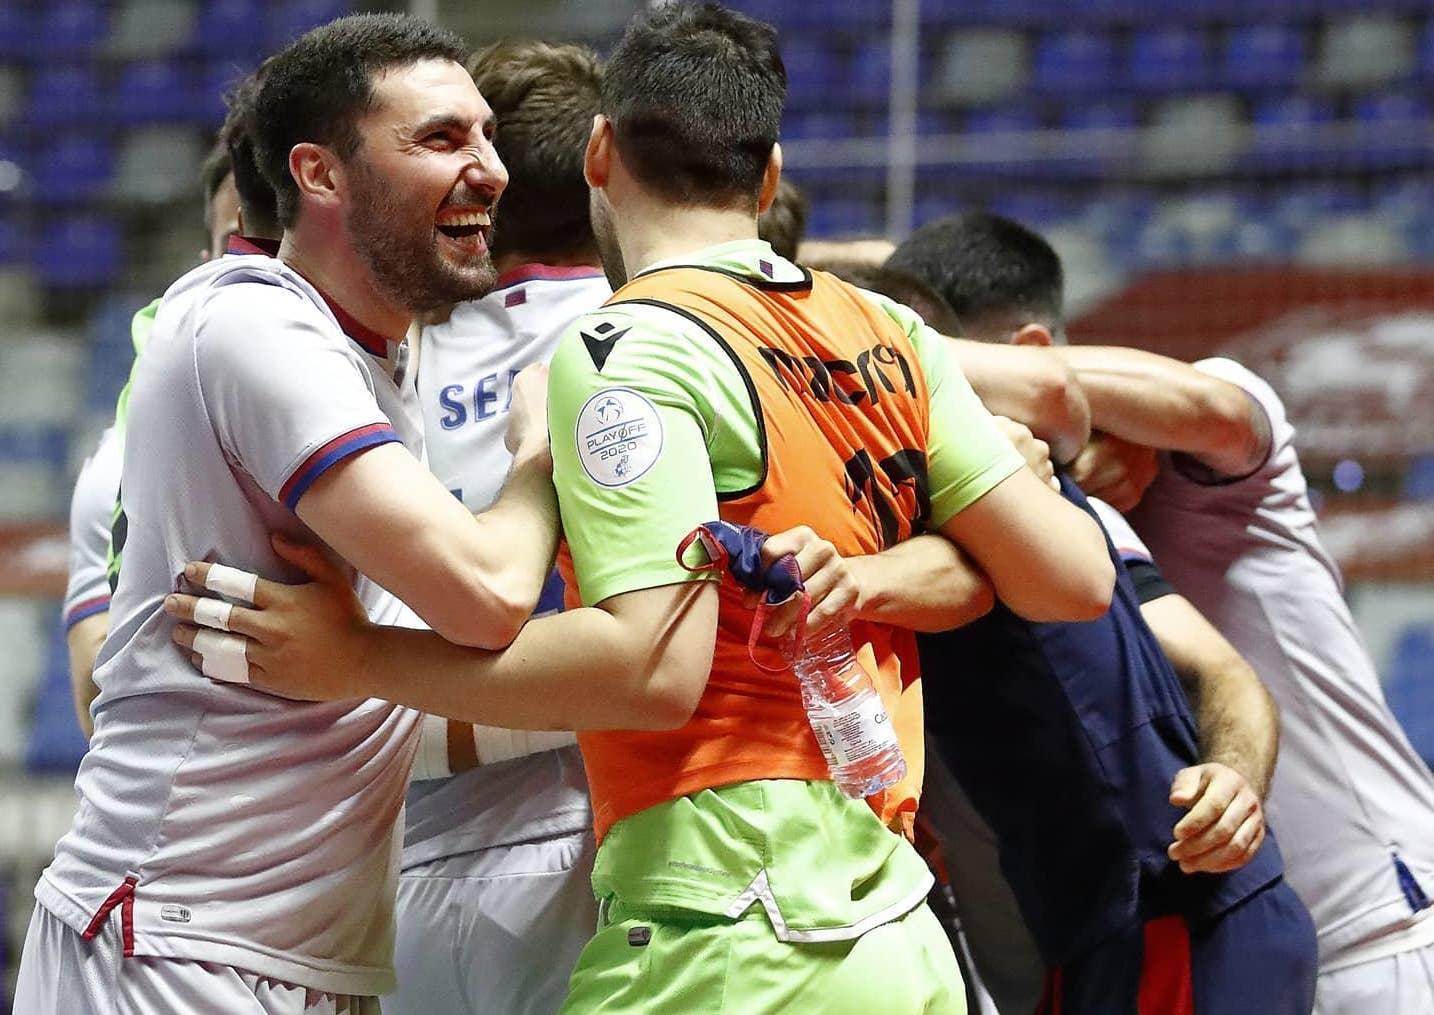 Μεγάλη νίκη η Levante, πέταξε έξω την Barça!